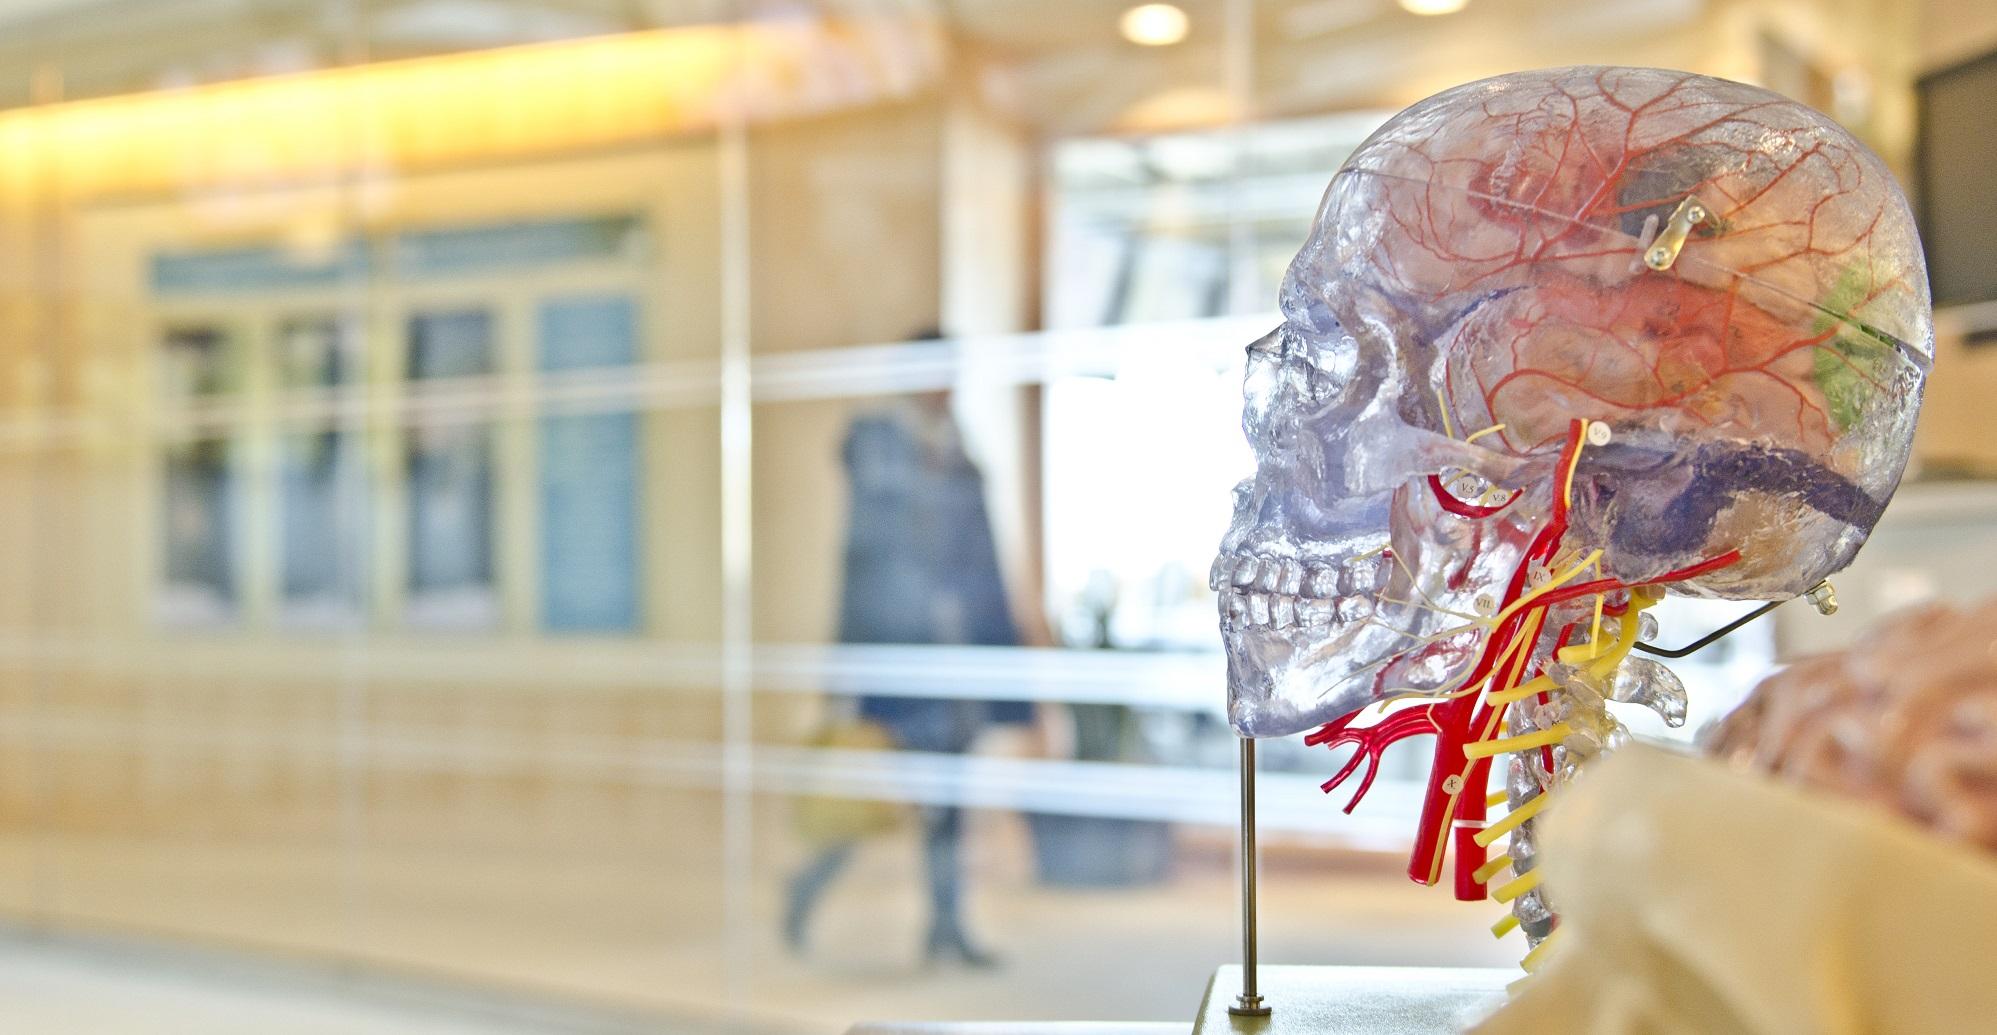 Autologe Stamcel therapie voor MS: een doorbraak?